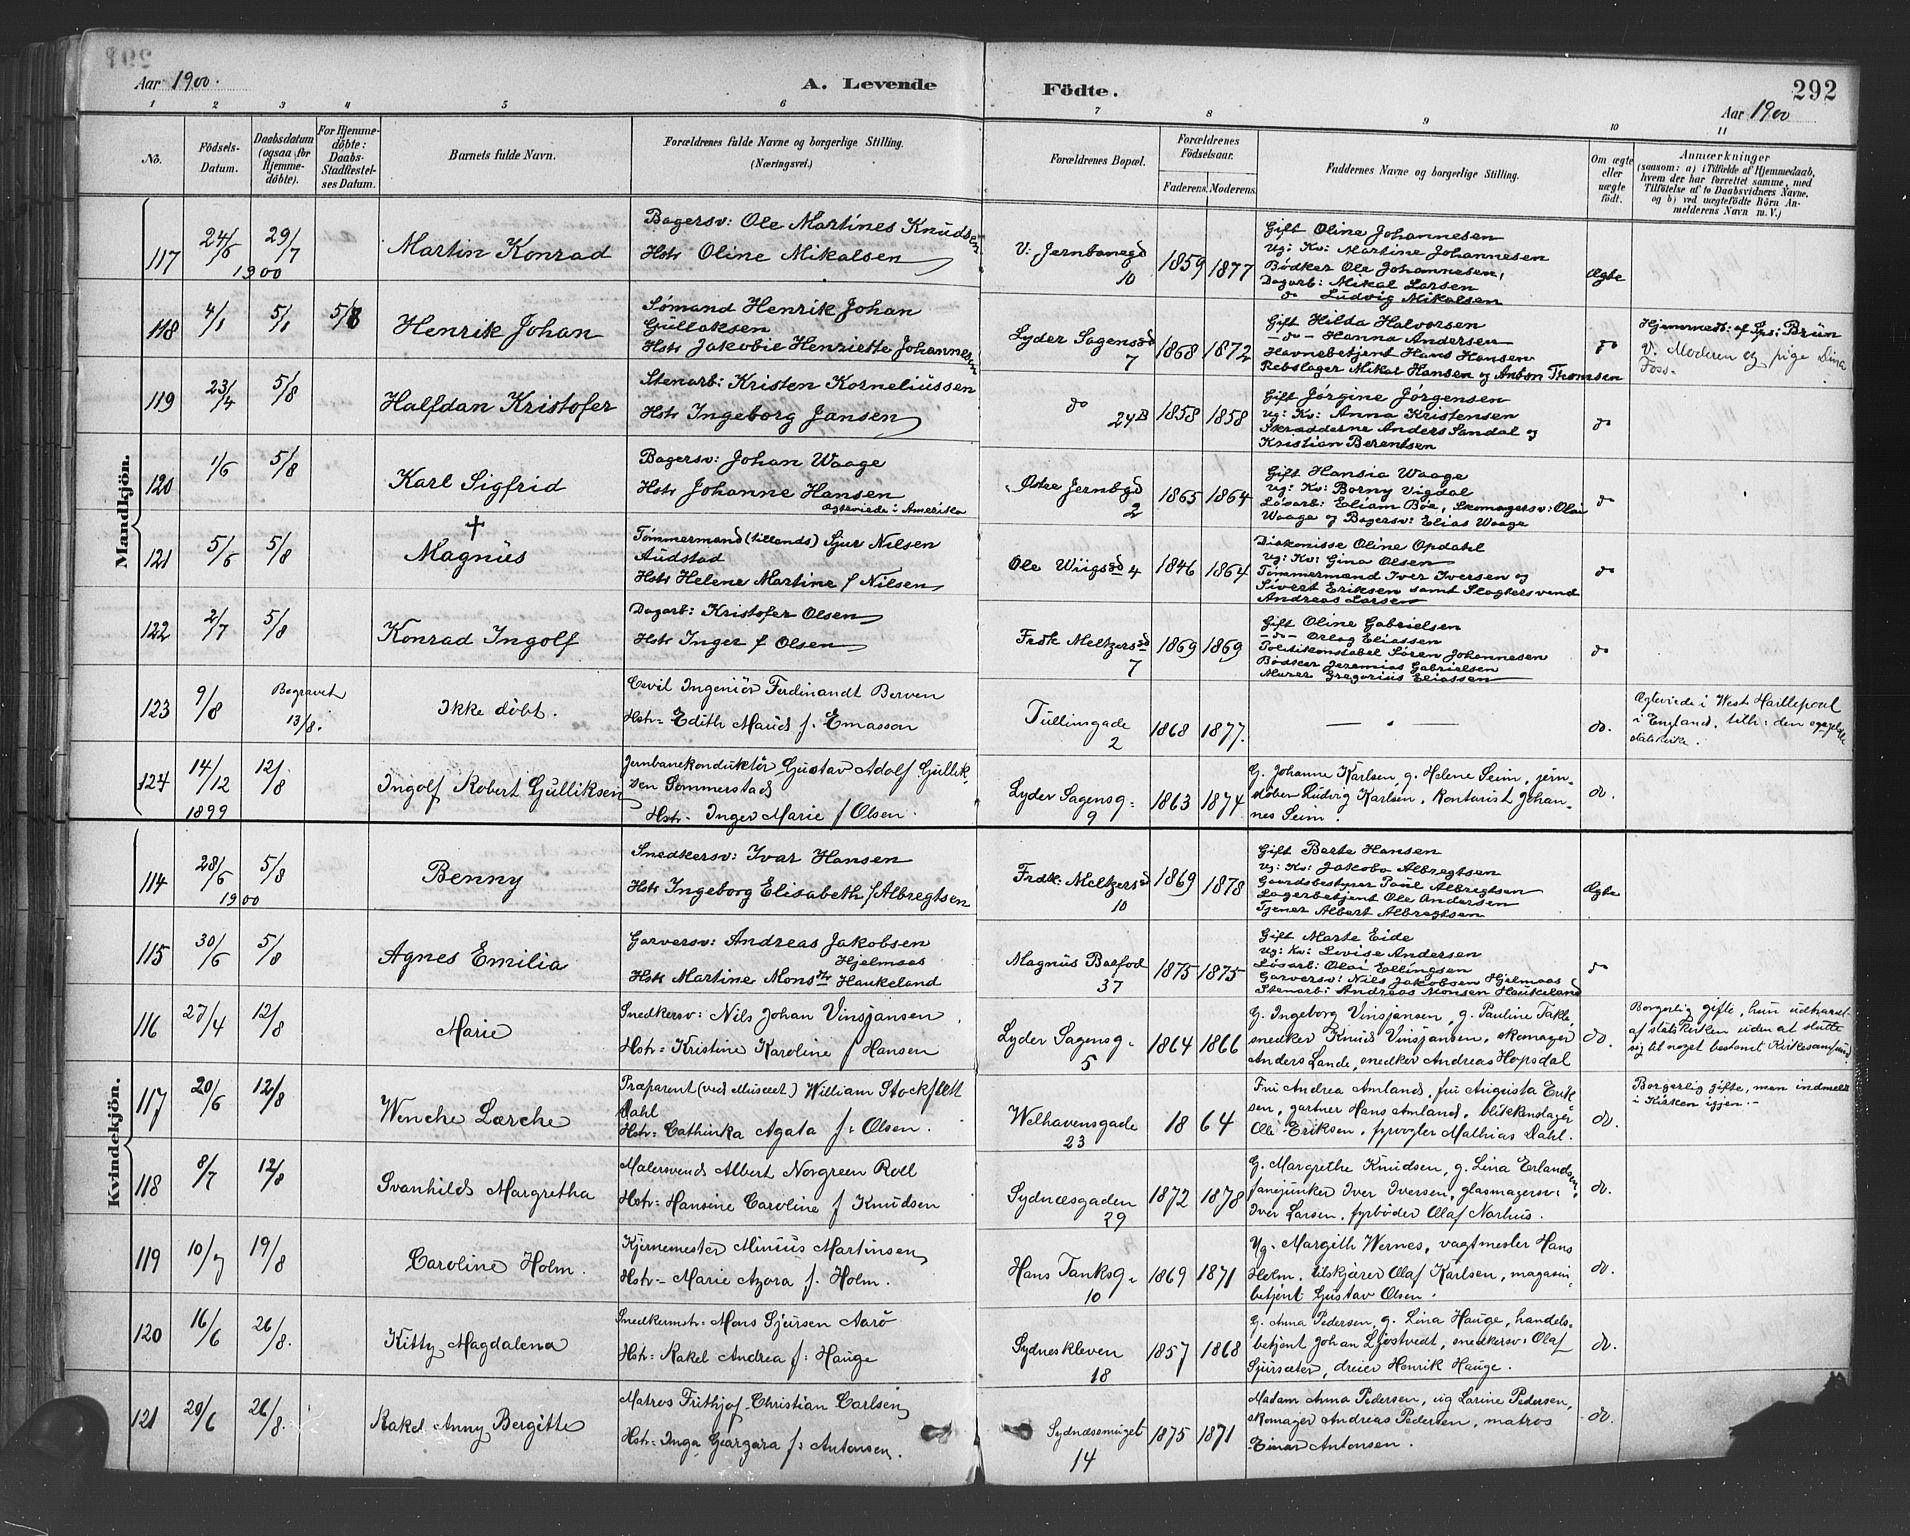 Fødte og døpte 1900, side 292.